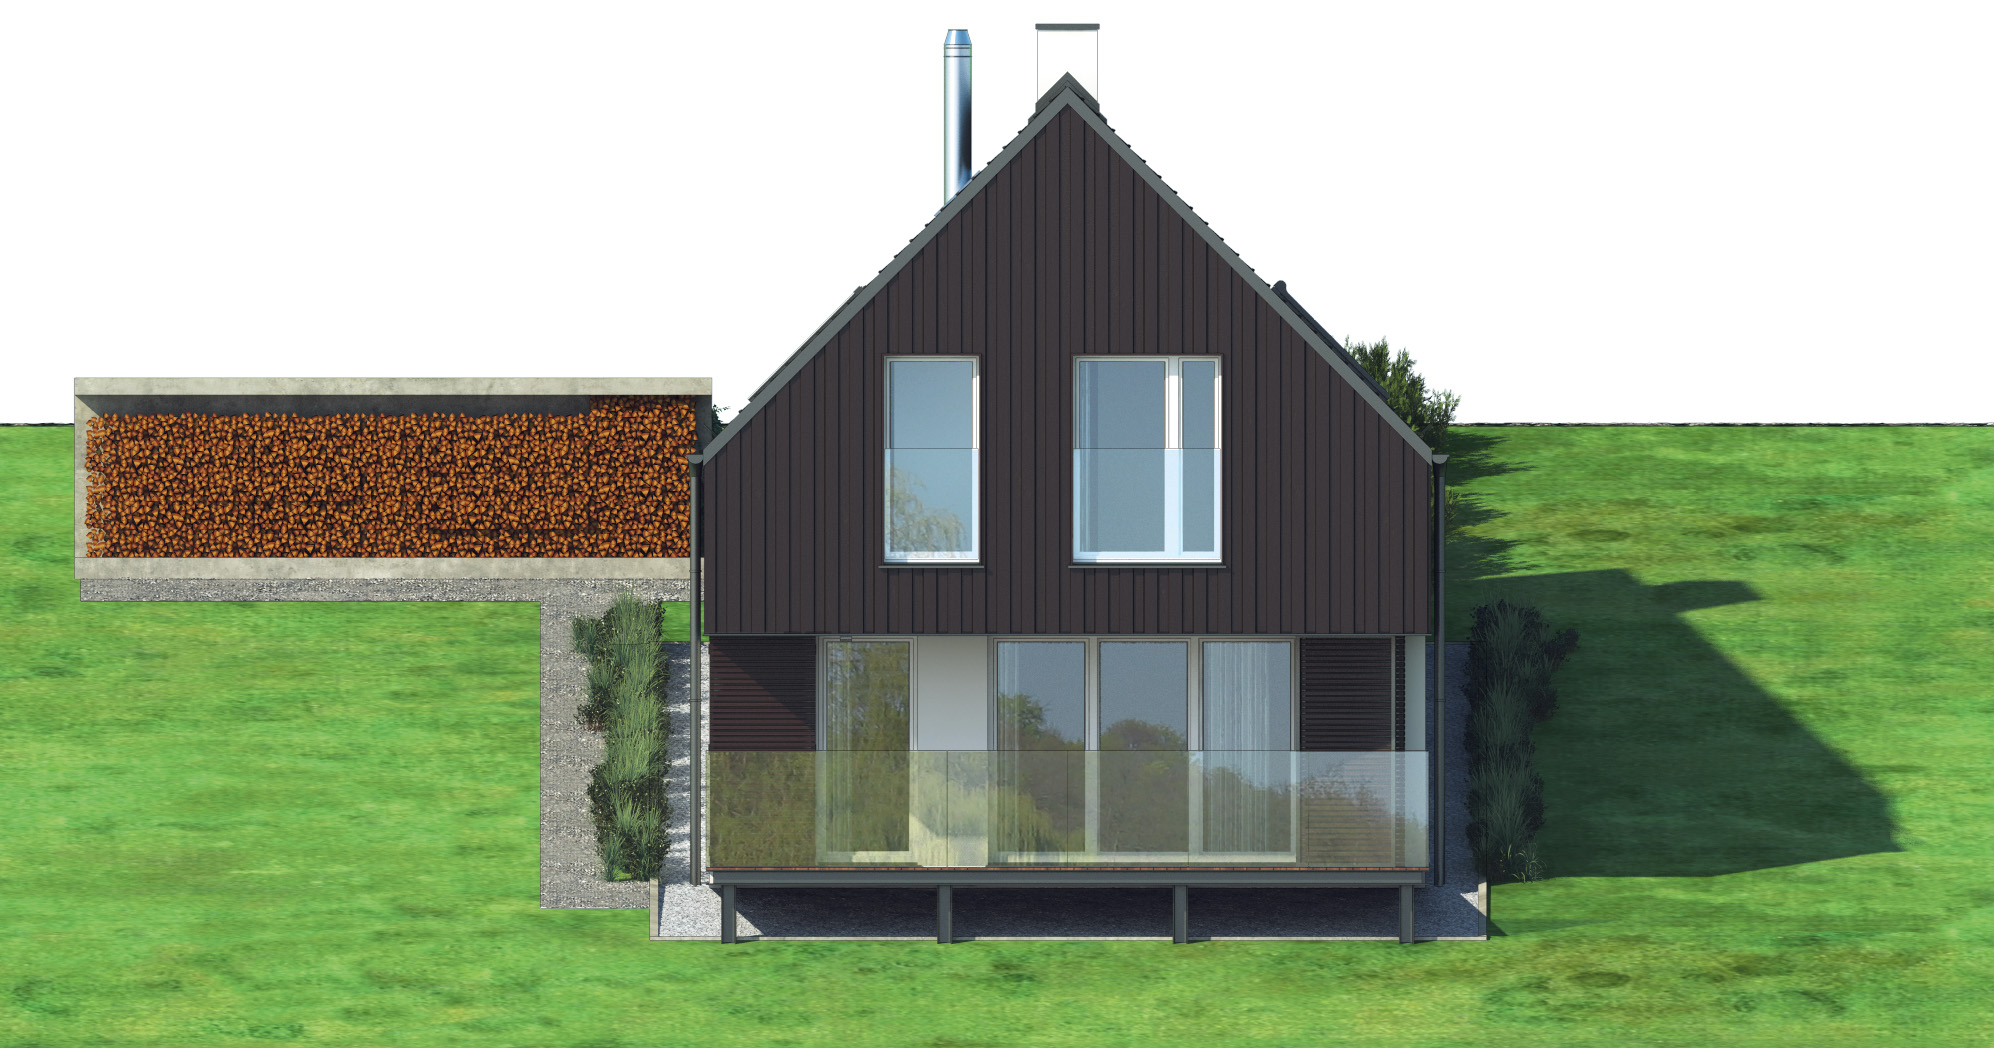 Projekt domu W KRAJOBRAZIE Domy Czystej Energii elewacja tylna